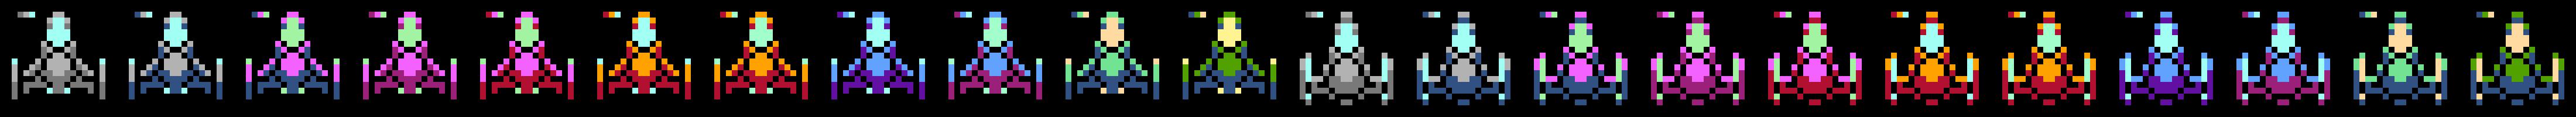 NES Ships